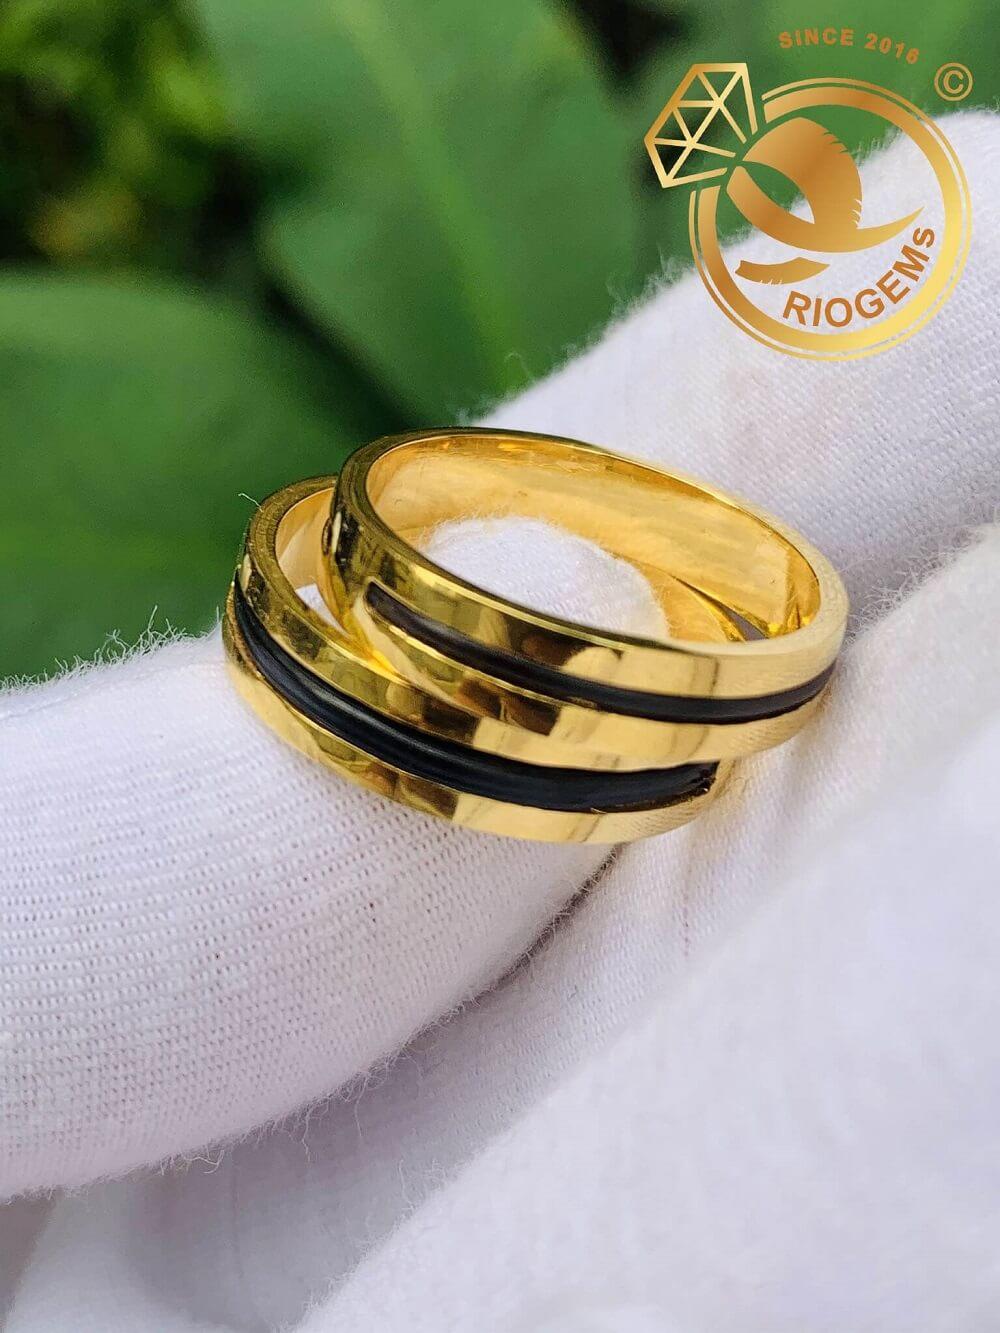 Cặp nhẫn lông voi 1 sợi làm tay vàng 18K đơn giản